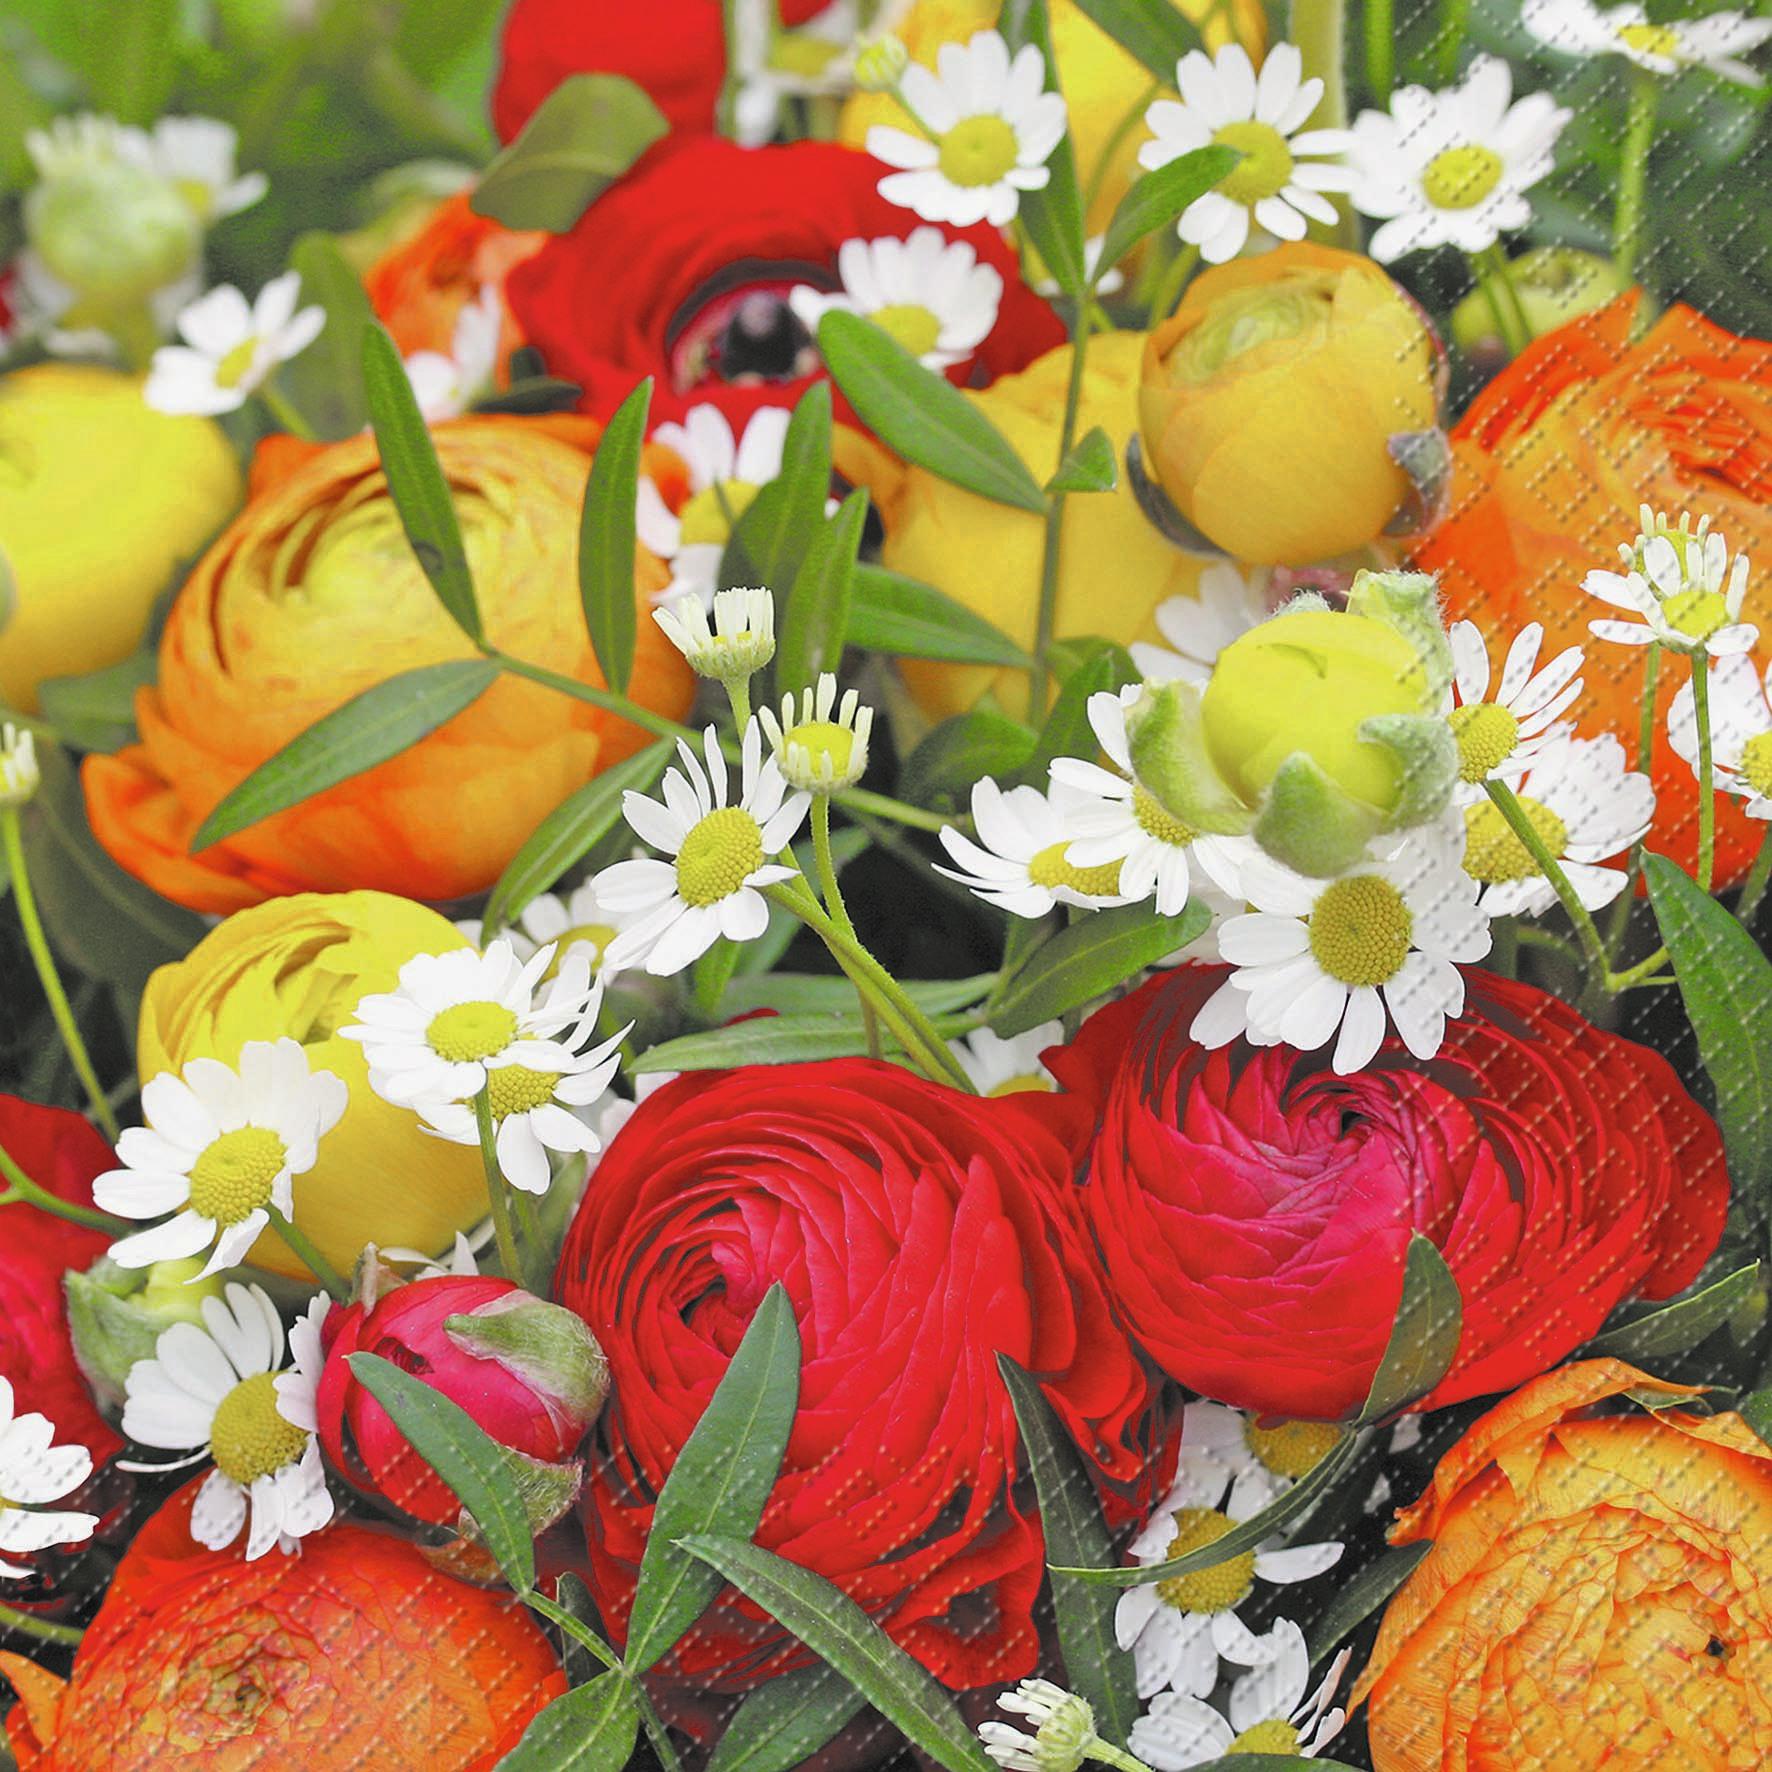 Lunch Servietten Melinda,  Blumen -  Sonstige,  Blumen,  Everyday,  lunchservietten,  Blumen